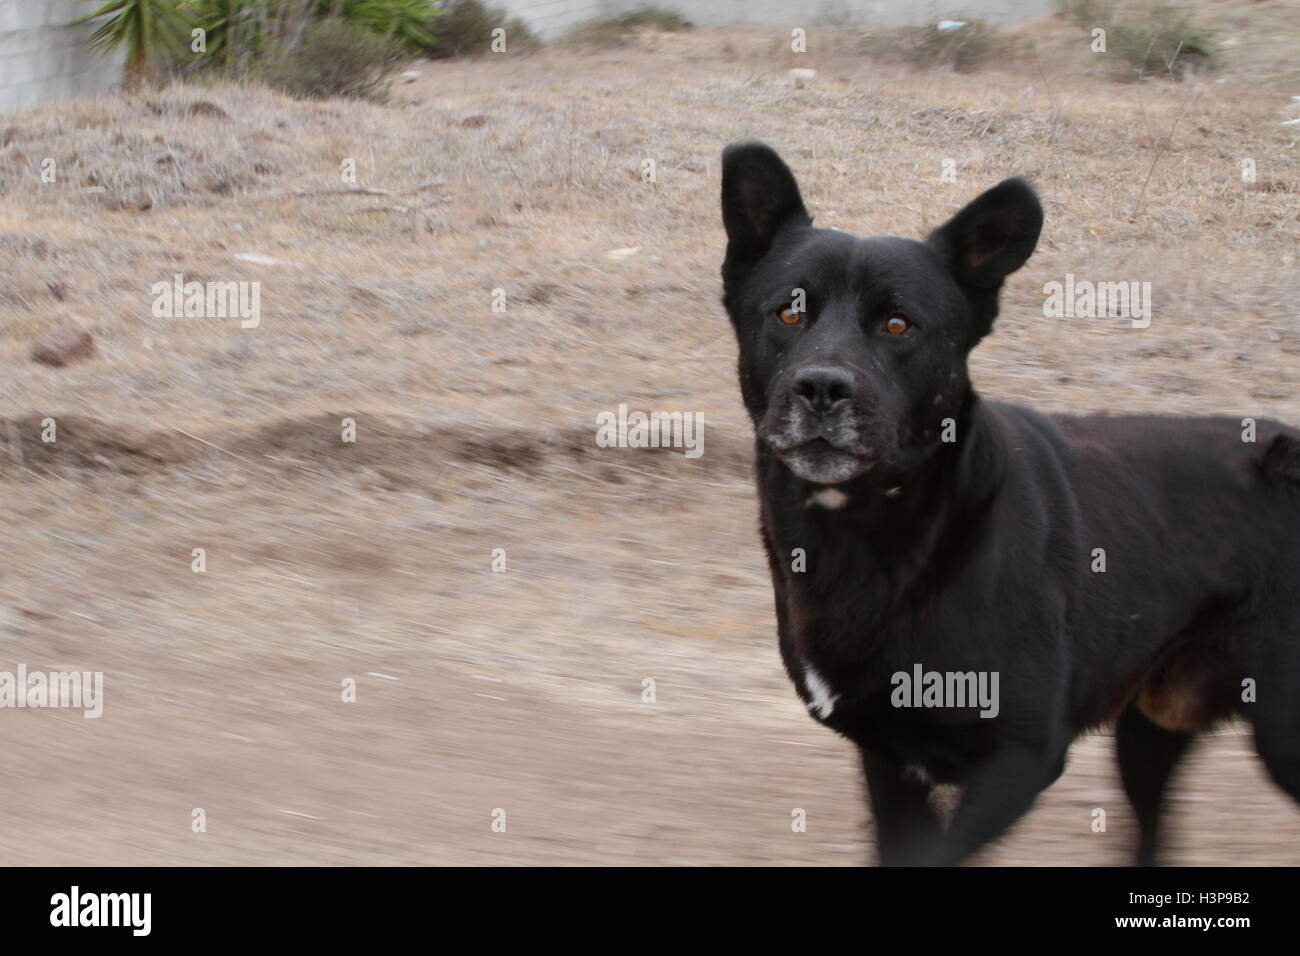 Black dog chasing us - Stock Image